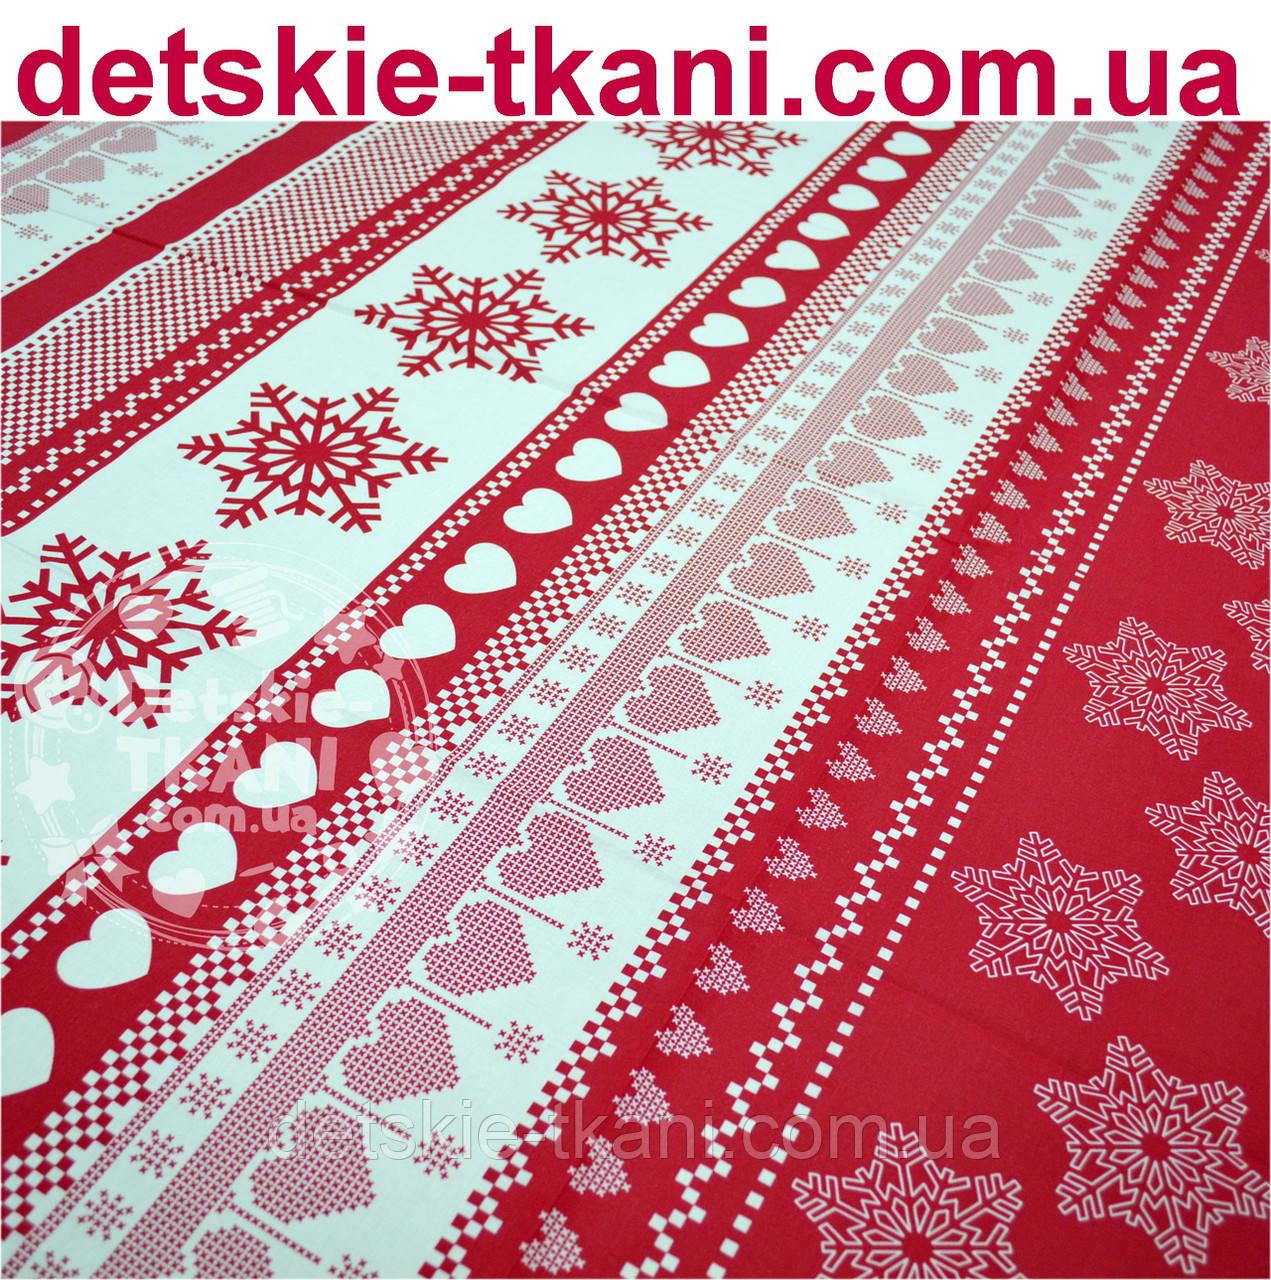 """Новогодняя ткань """"Снежинки с сердечками"""" тёмно-красного цвета № 455"""